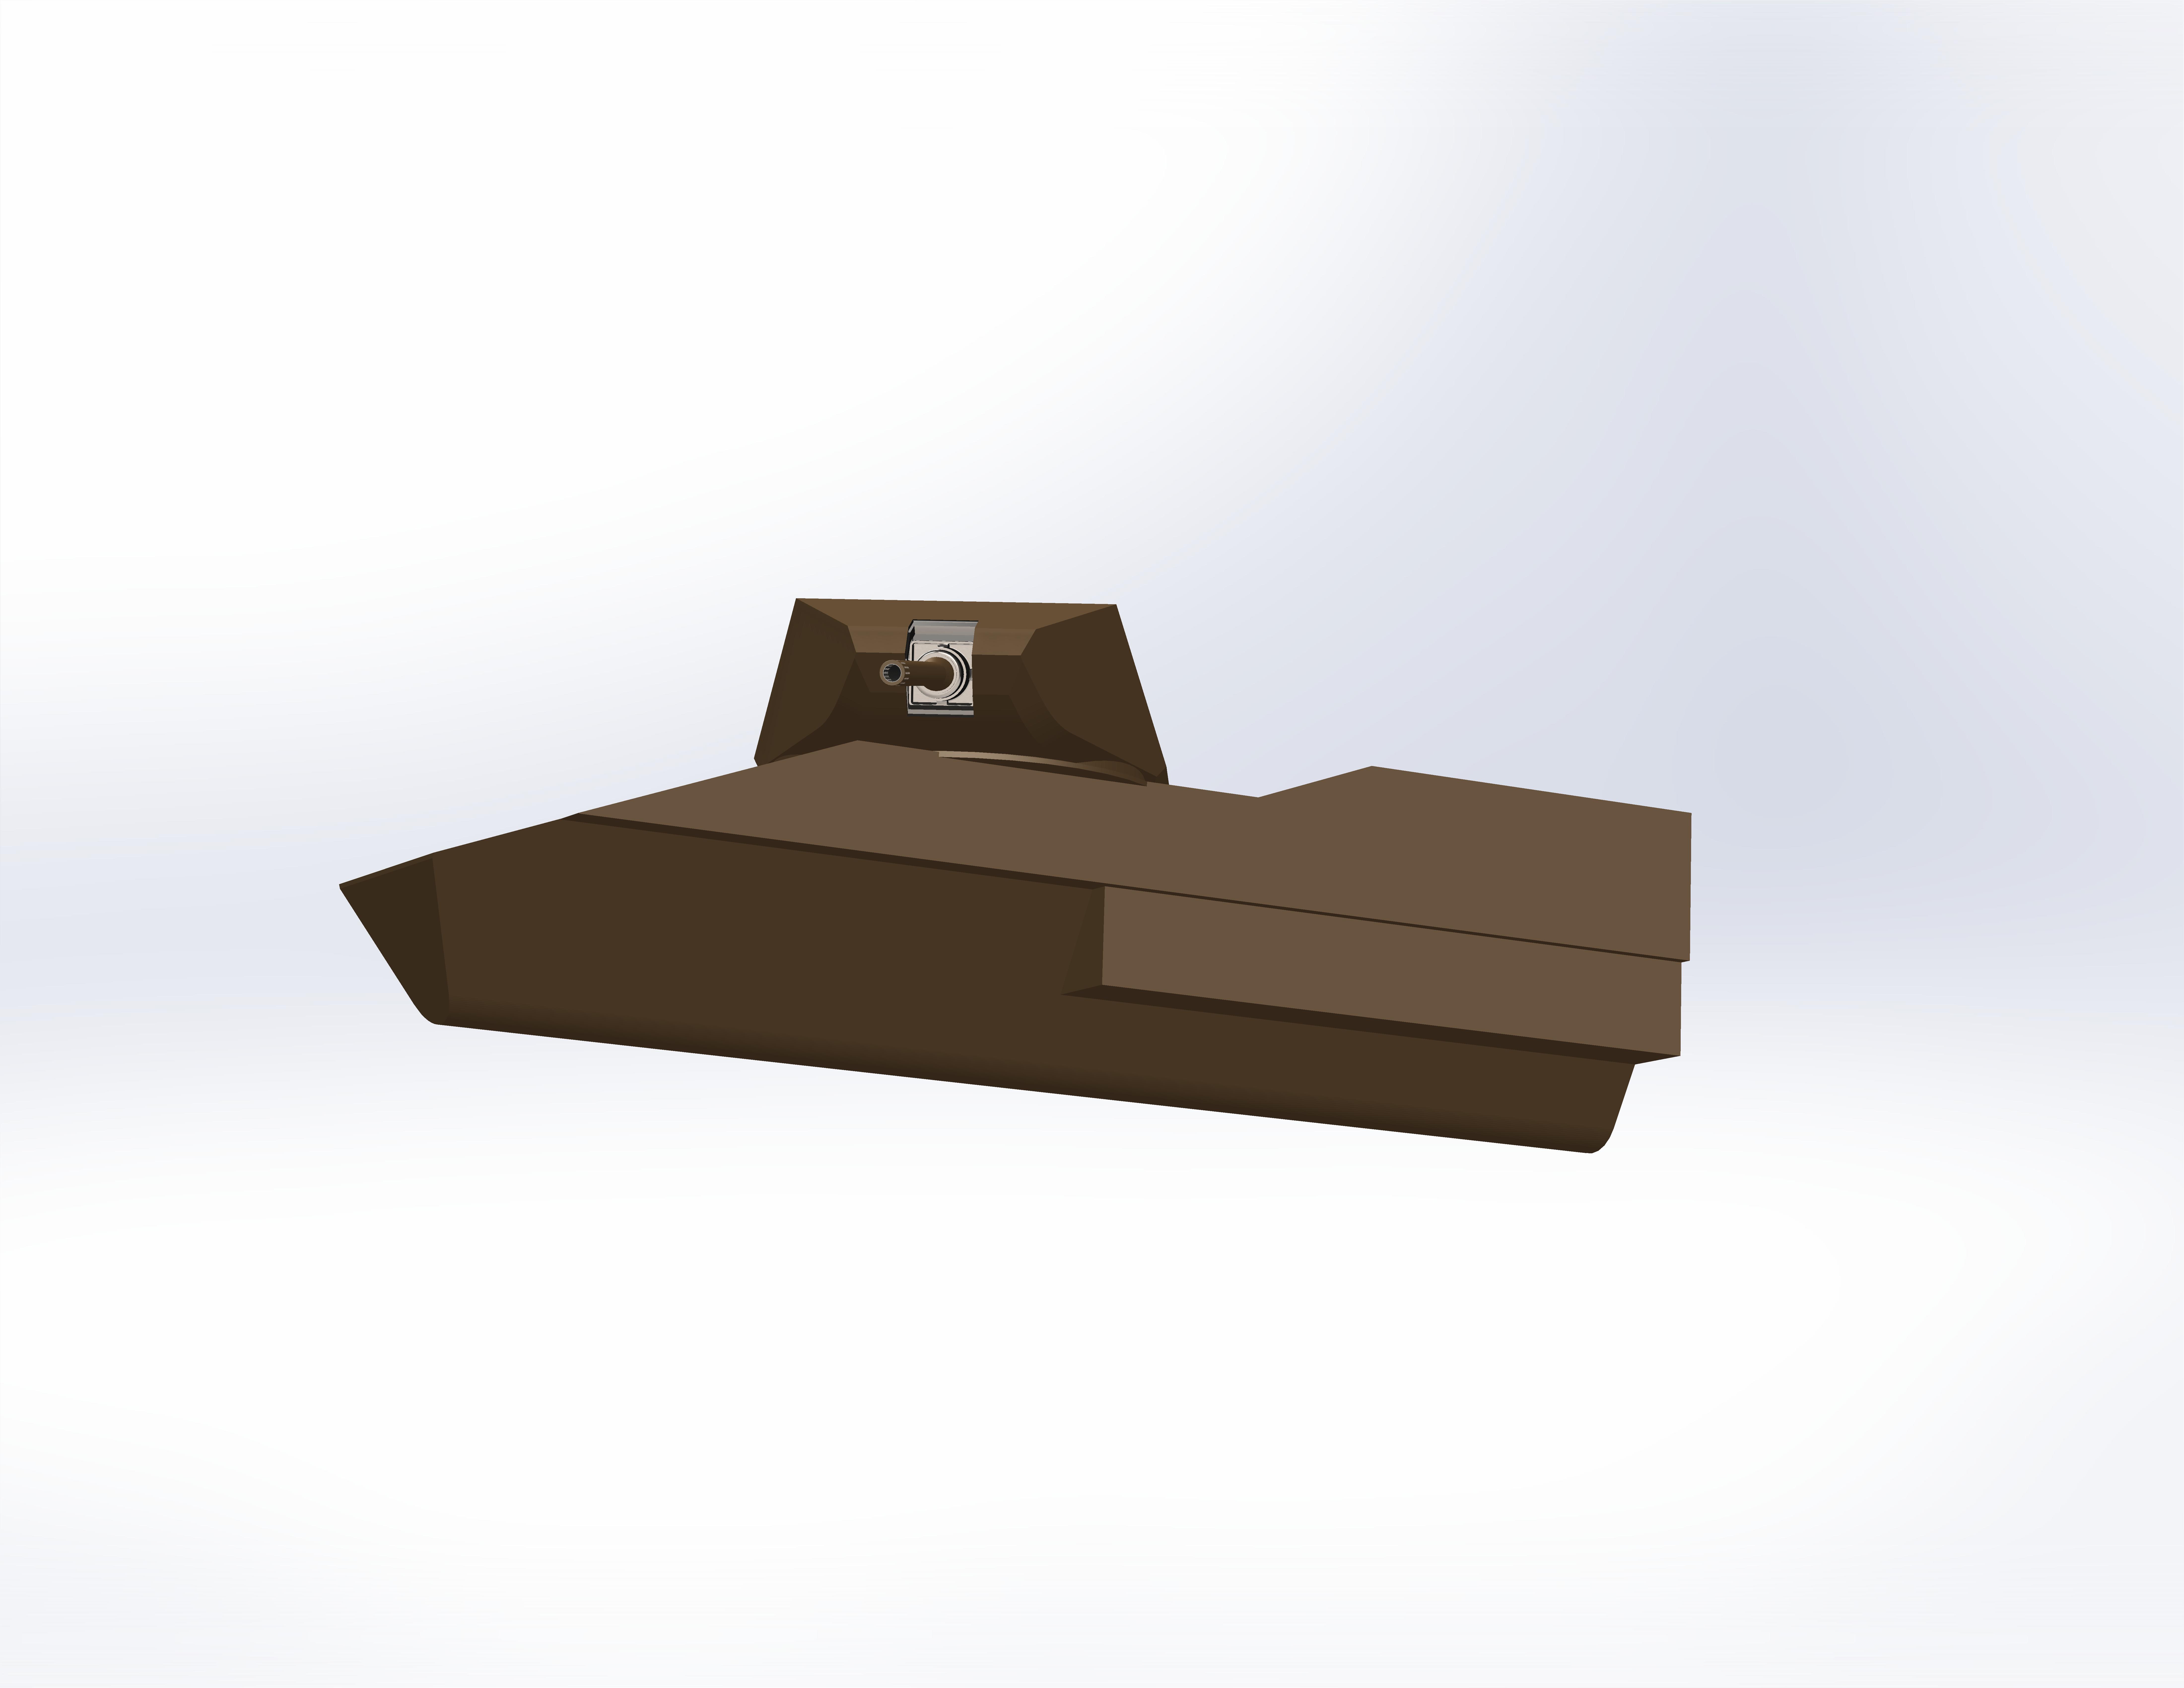 Jaguar_Hull-Turret_Study.PNG